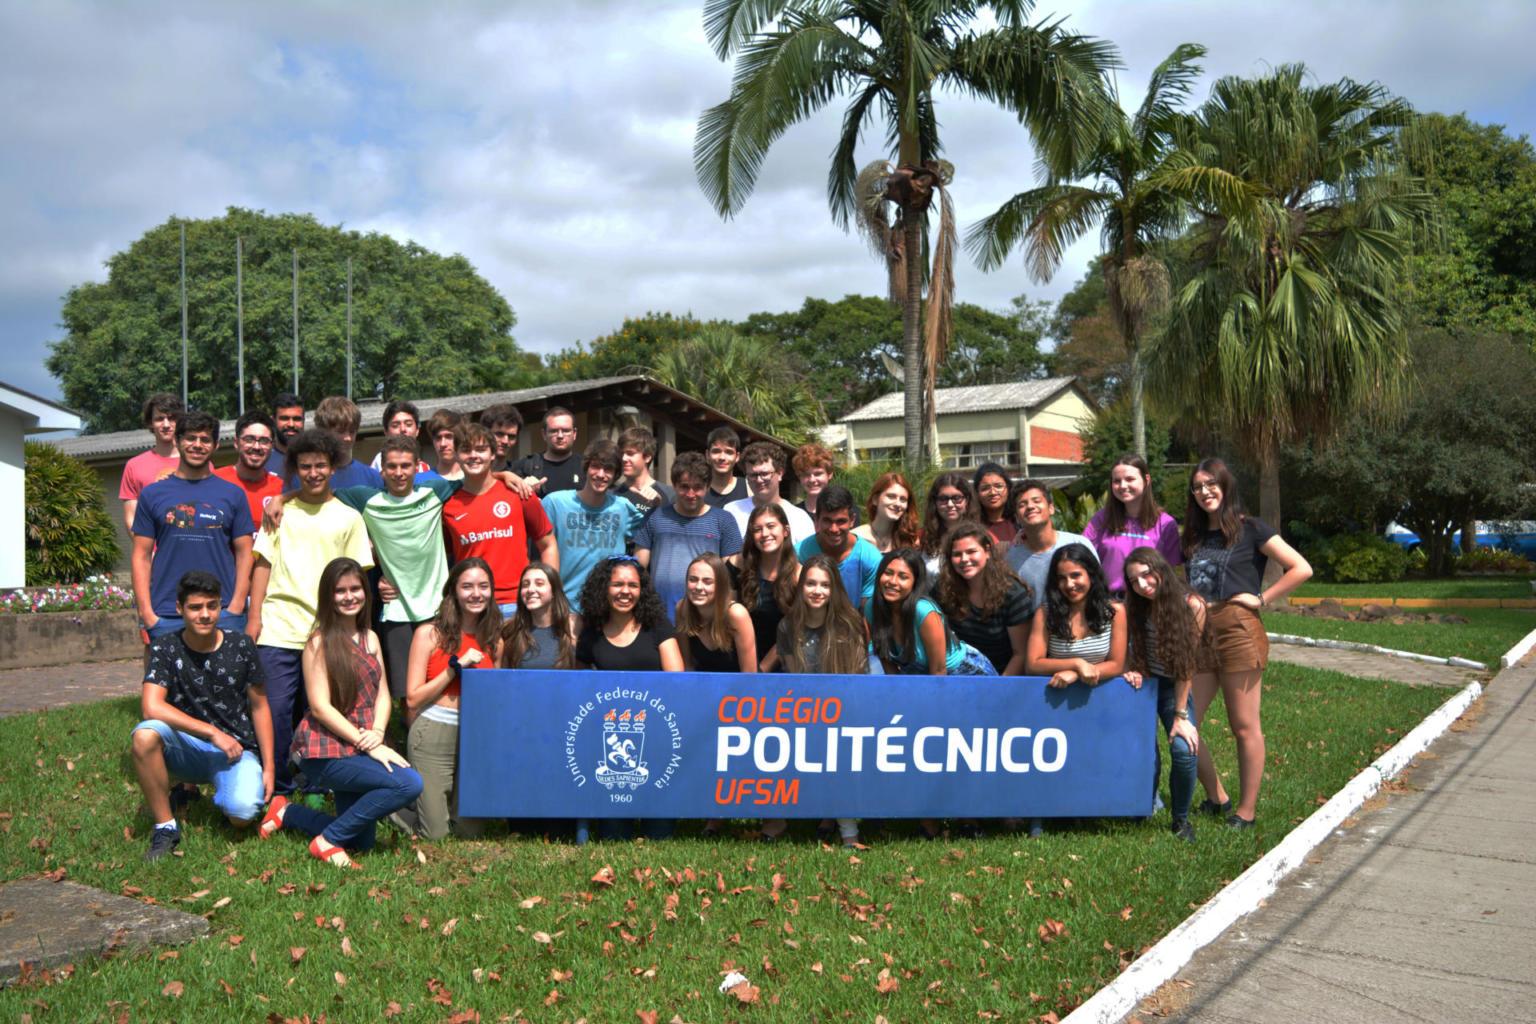 Diversas pessoas atrás de uma placa azul escura do Colégio Politécnico